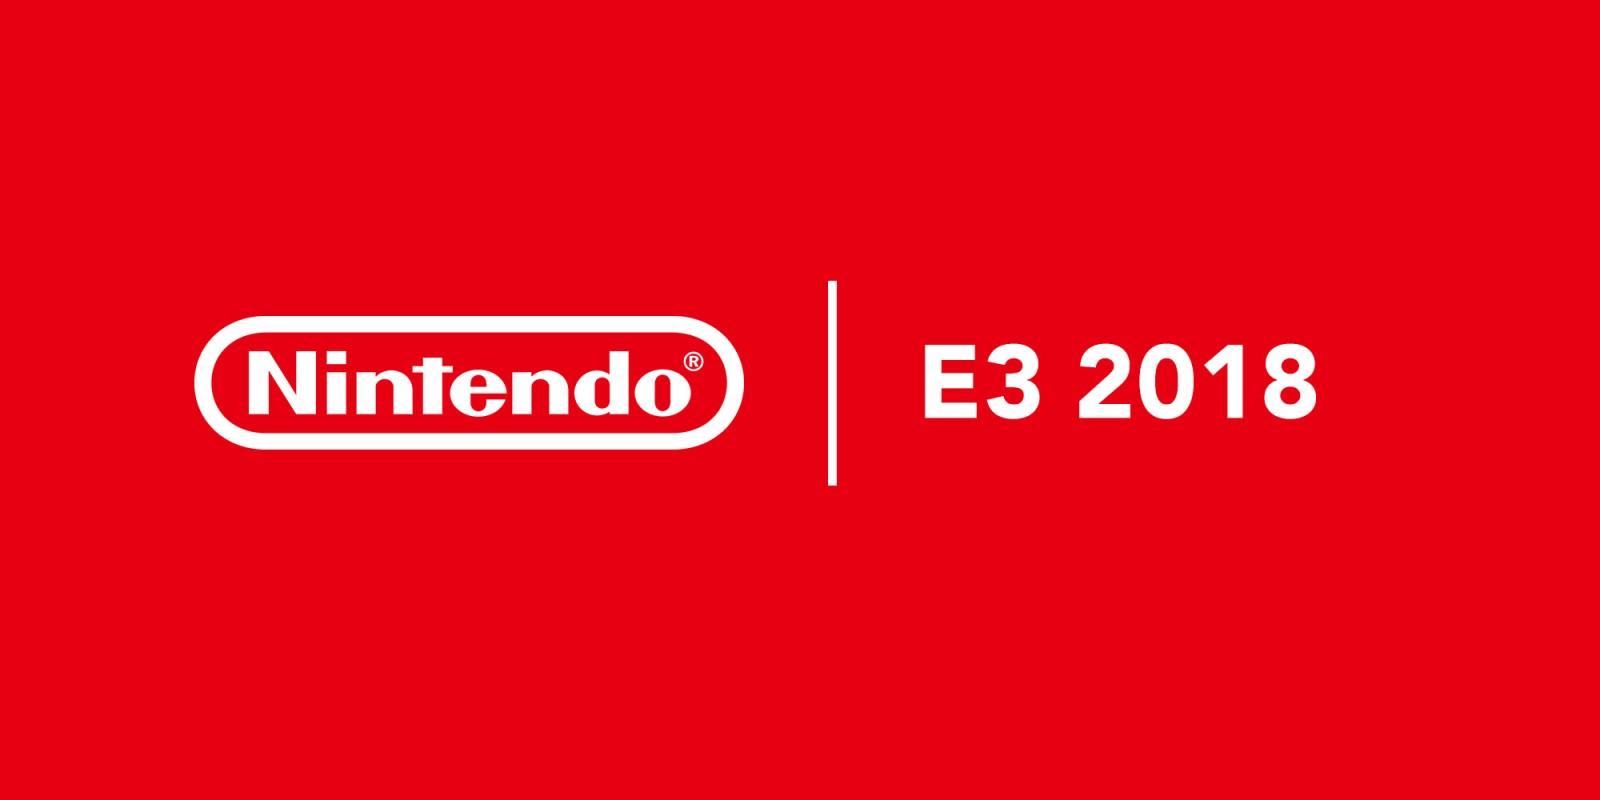 Nintendo's E3 2018 Overview